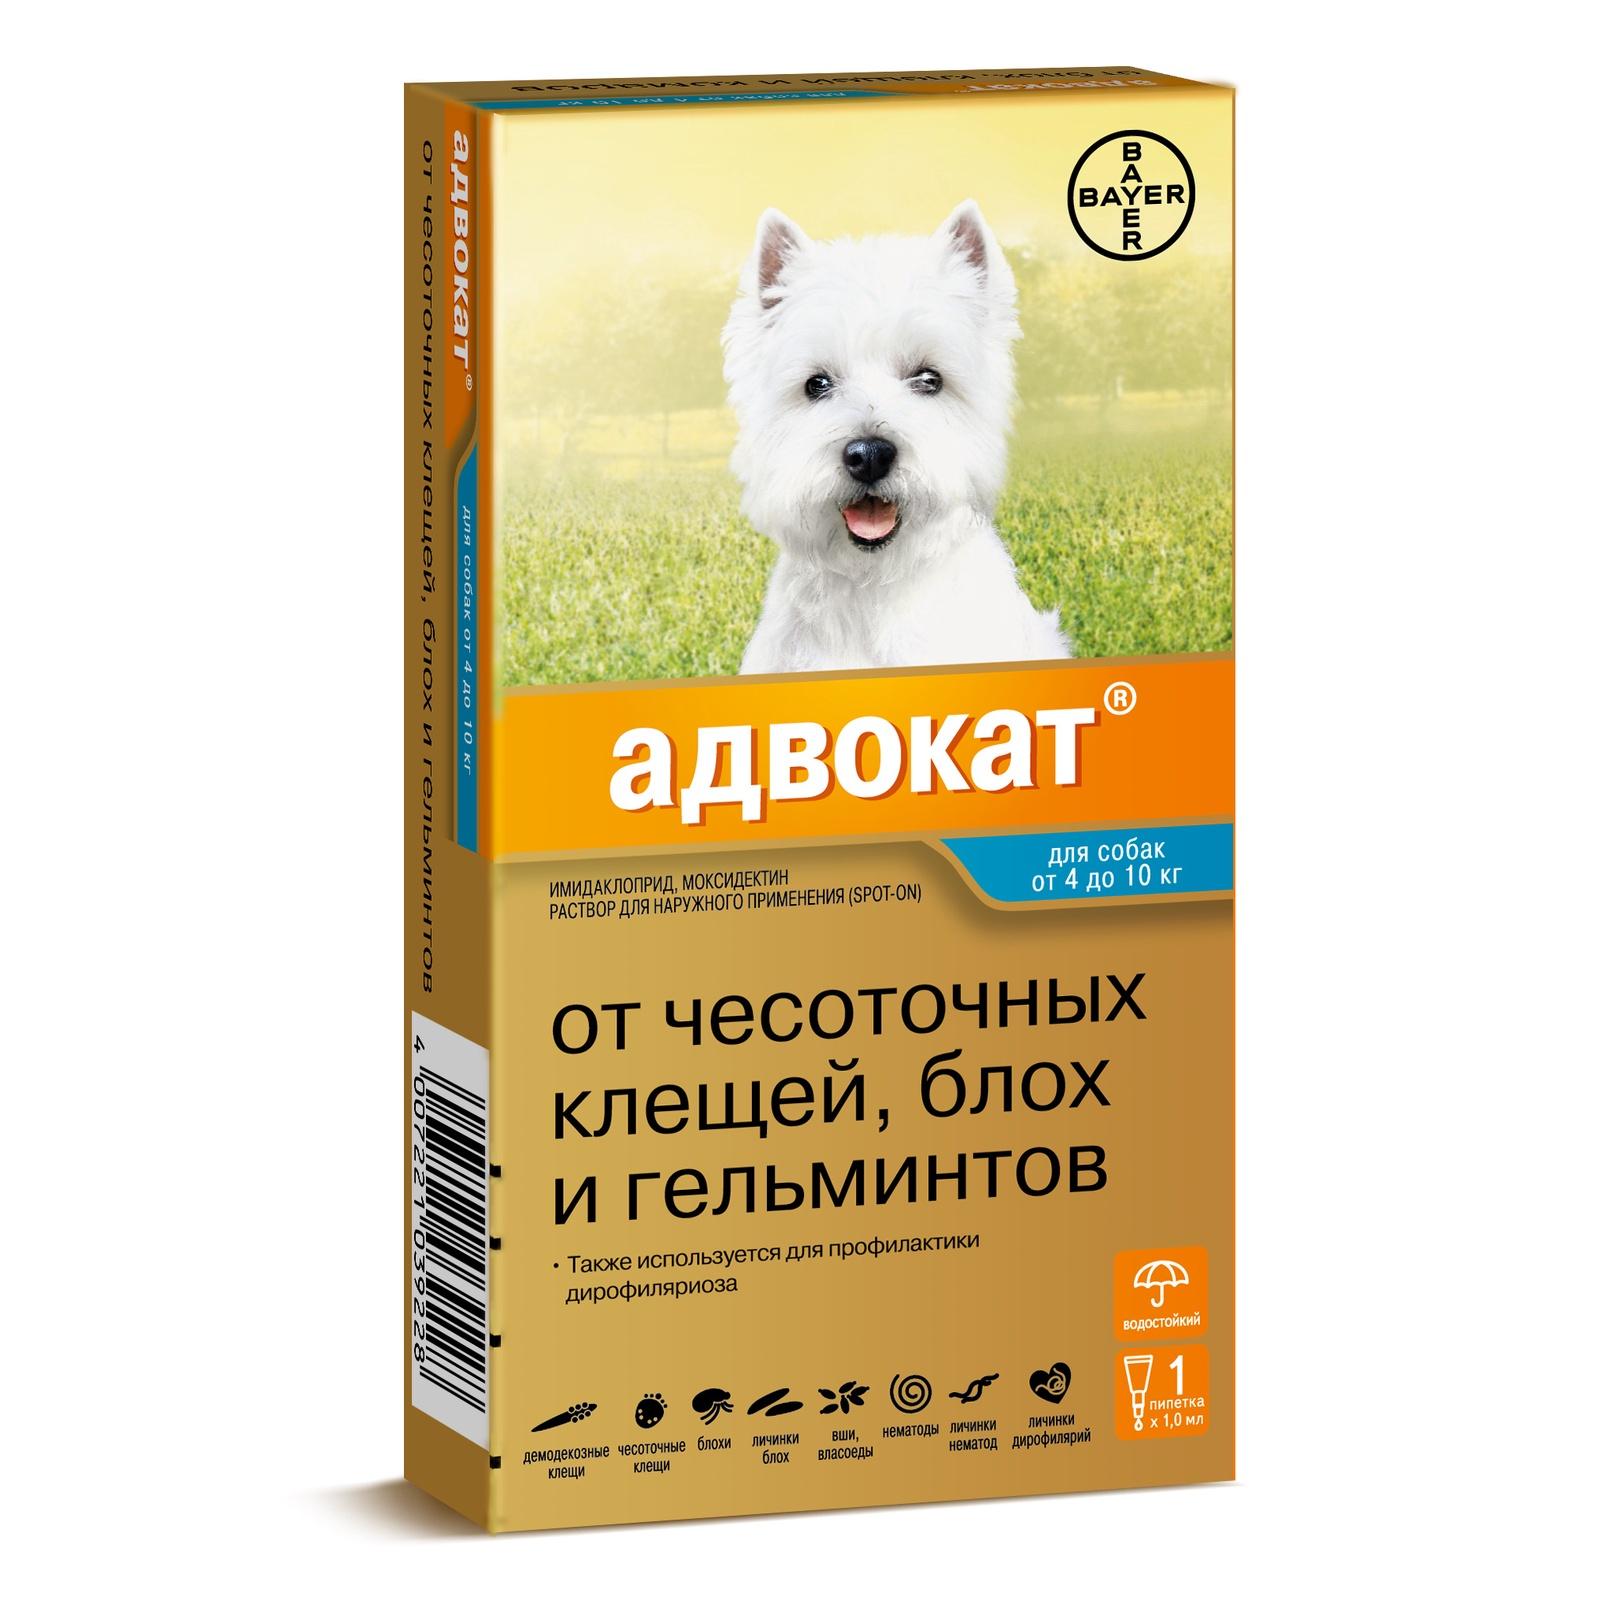 Bayer Golden Line Адвокат 100 для щенков и собак от клещей,блох,глистов (массой от 4кг до 10 кг) (3 пипетки)